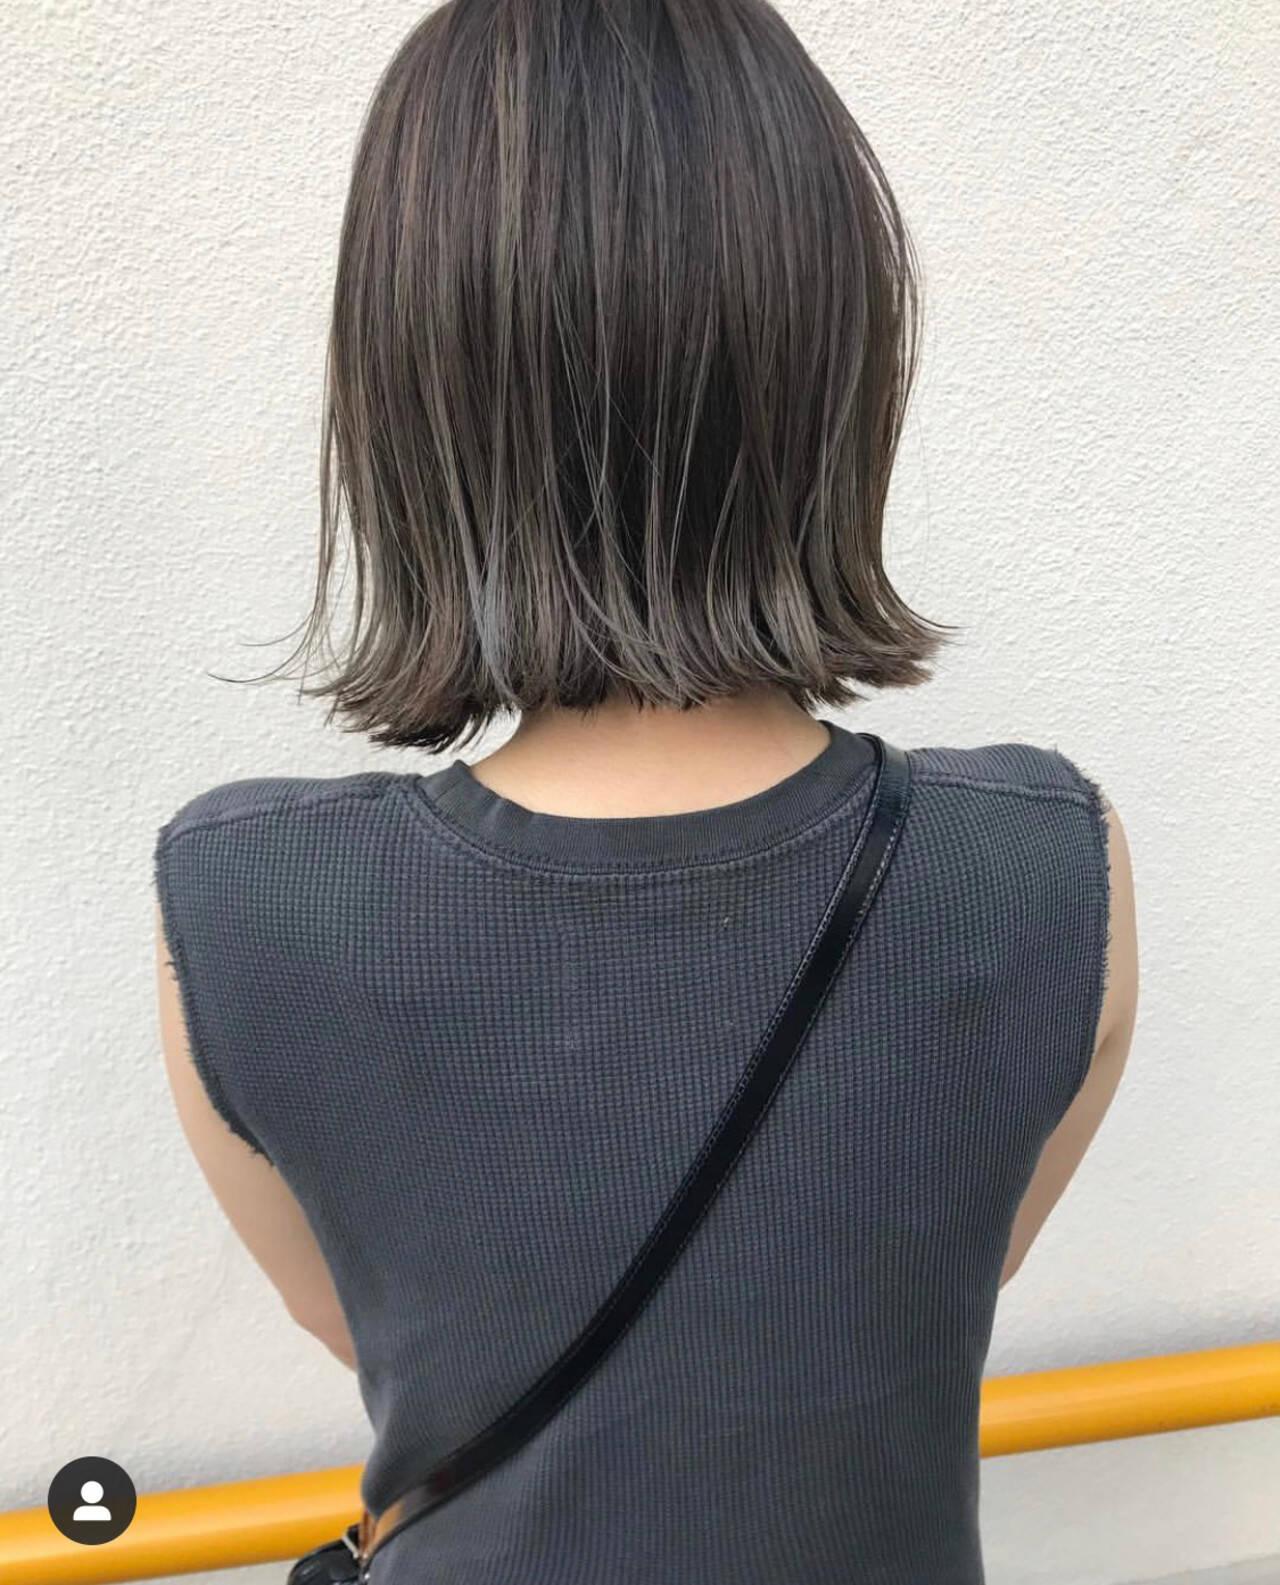 ミニボブ 切りっぱなしボブ ナチュラル ボブヘアスタイルや髪型の写真・画像